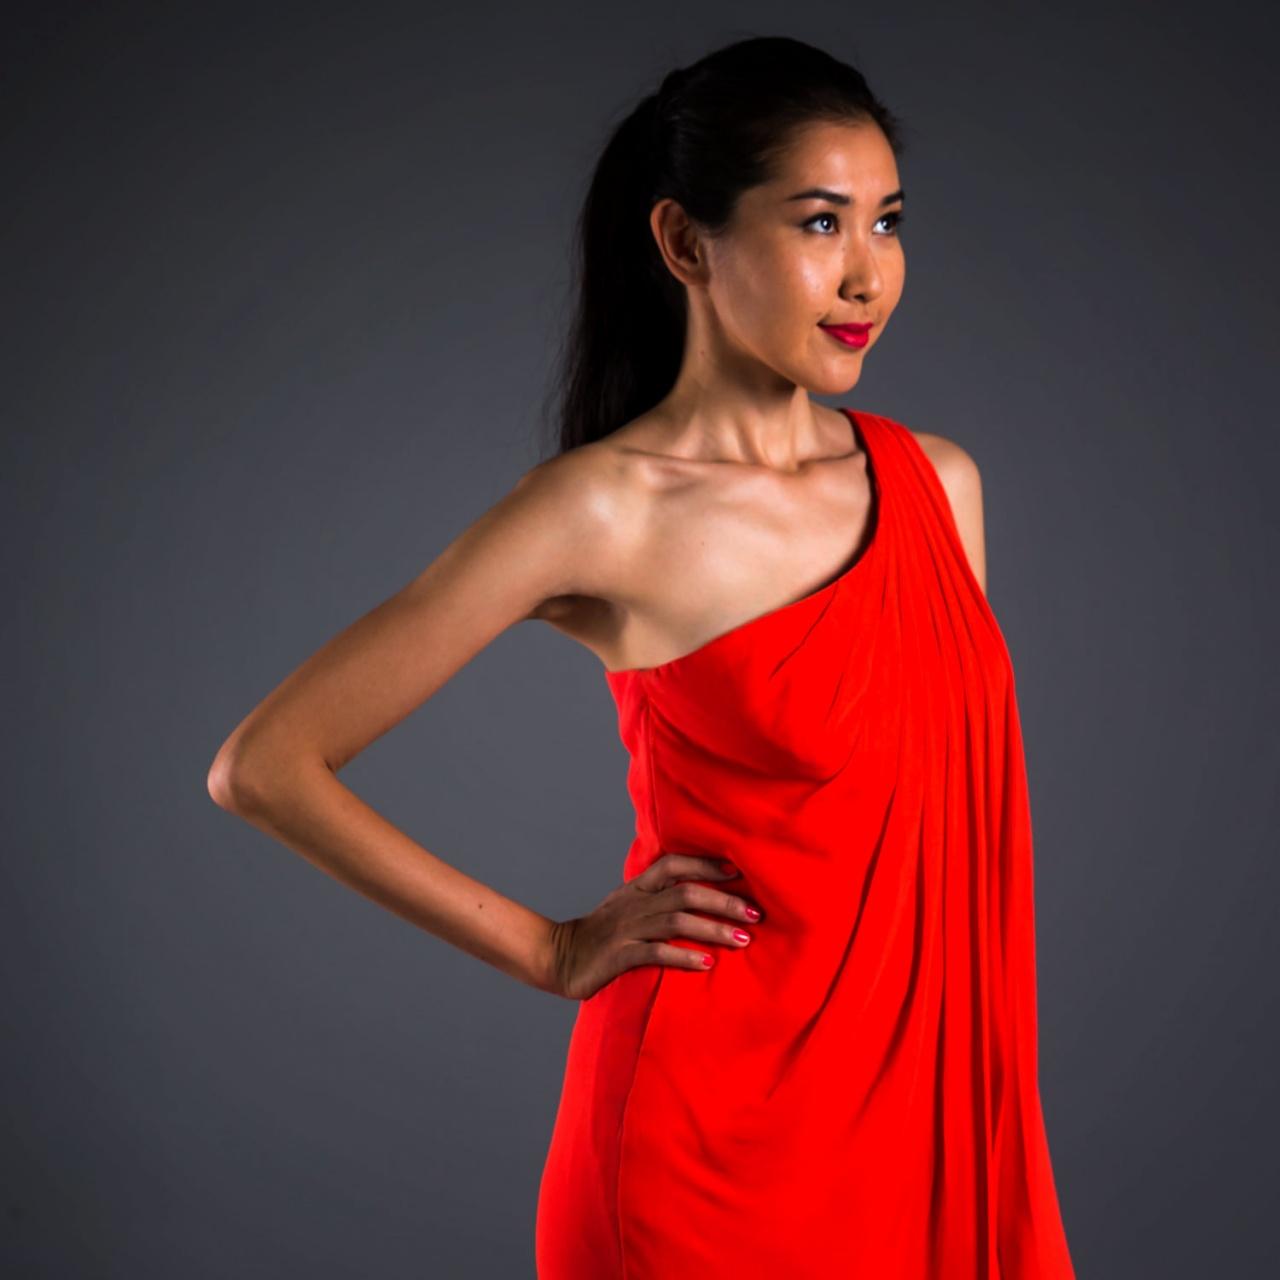 Catalog shoot for Anoushkriti